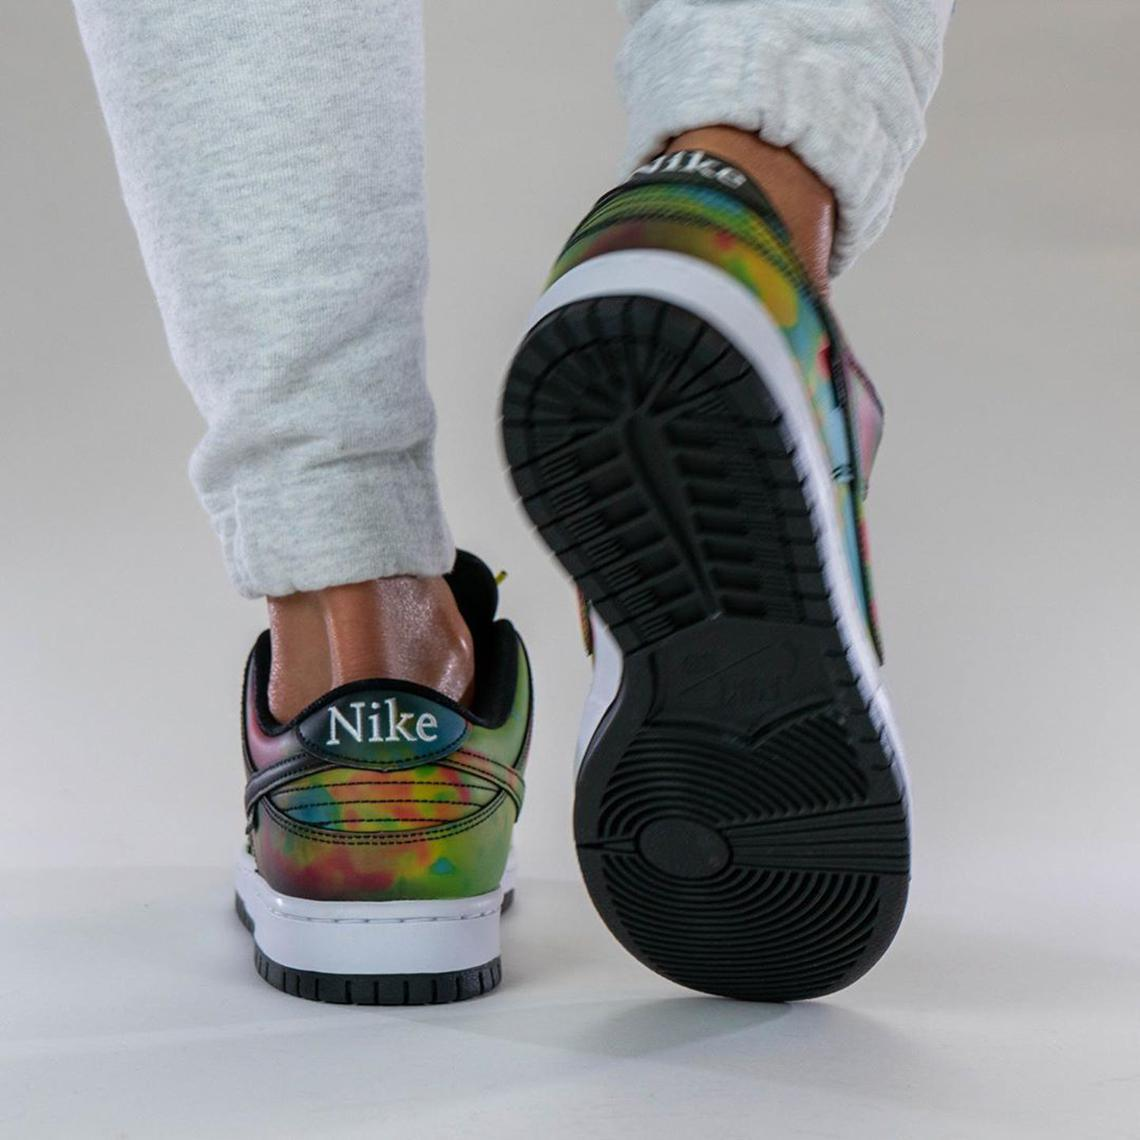 Nike SB Dunk Low thermochromique de Civilist